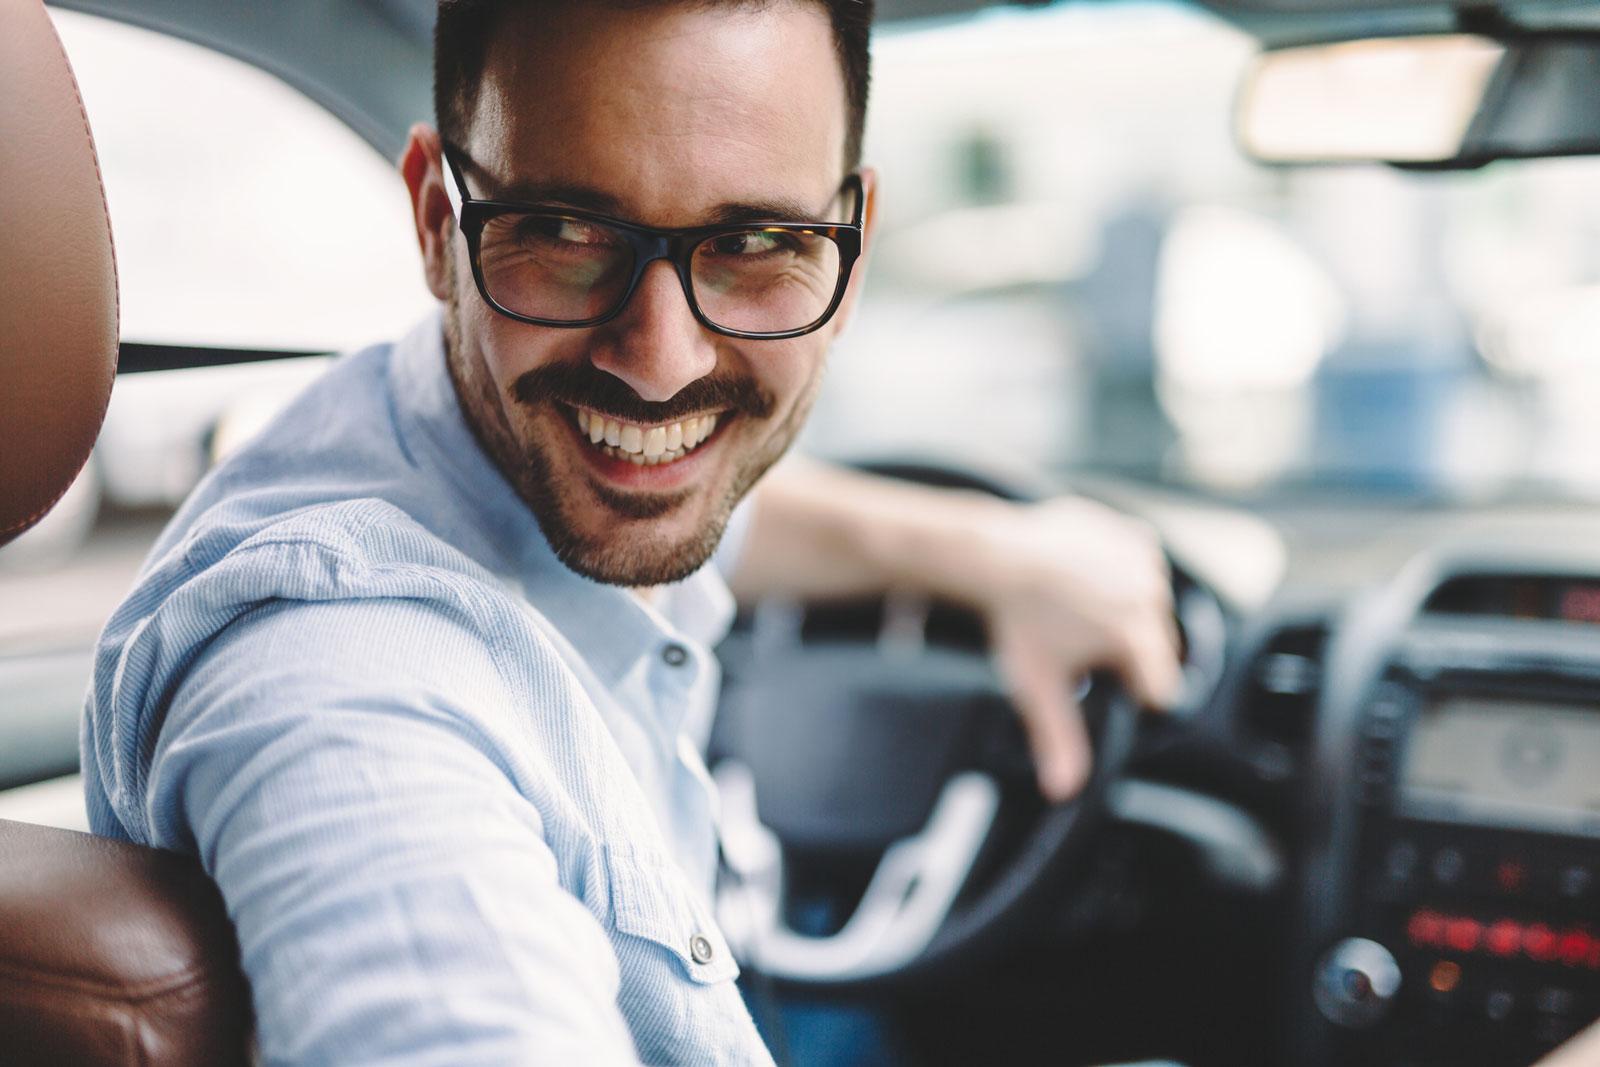 Wie fühlt sich der Wagen an? Bei einer Probefahrt kannst du testen, ob Bedienbarkeit und Haptik zu dir passen.